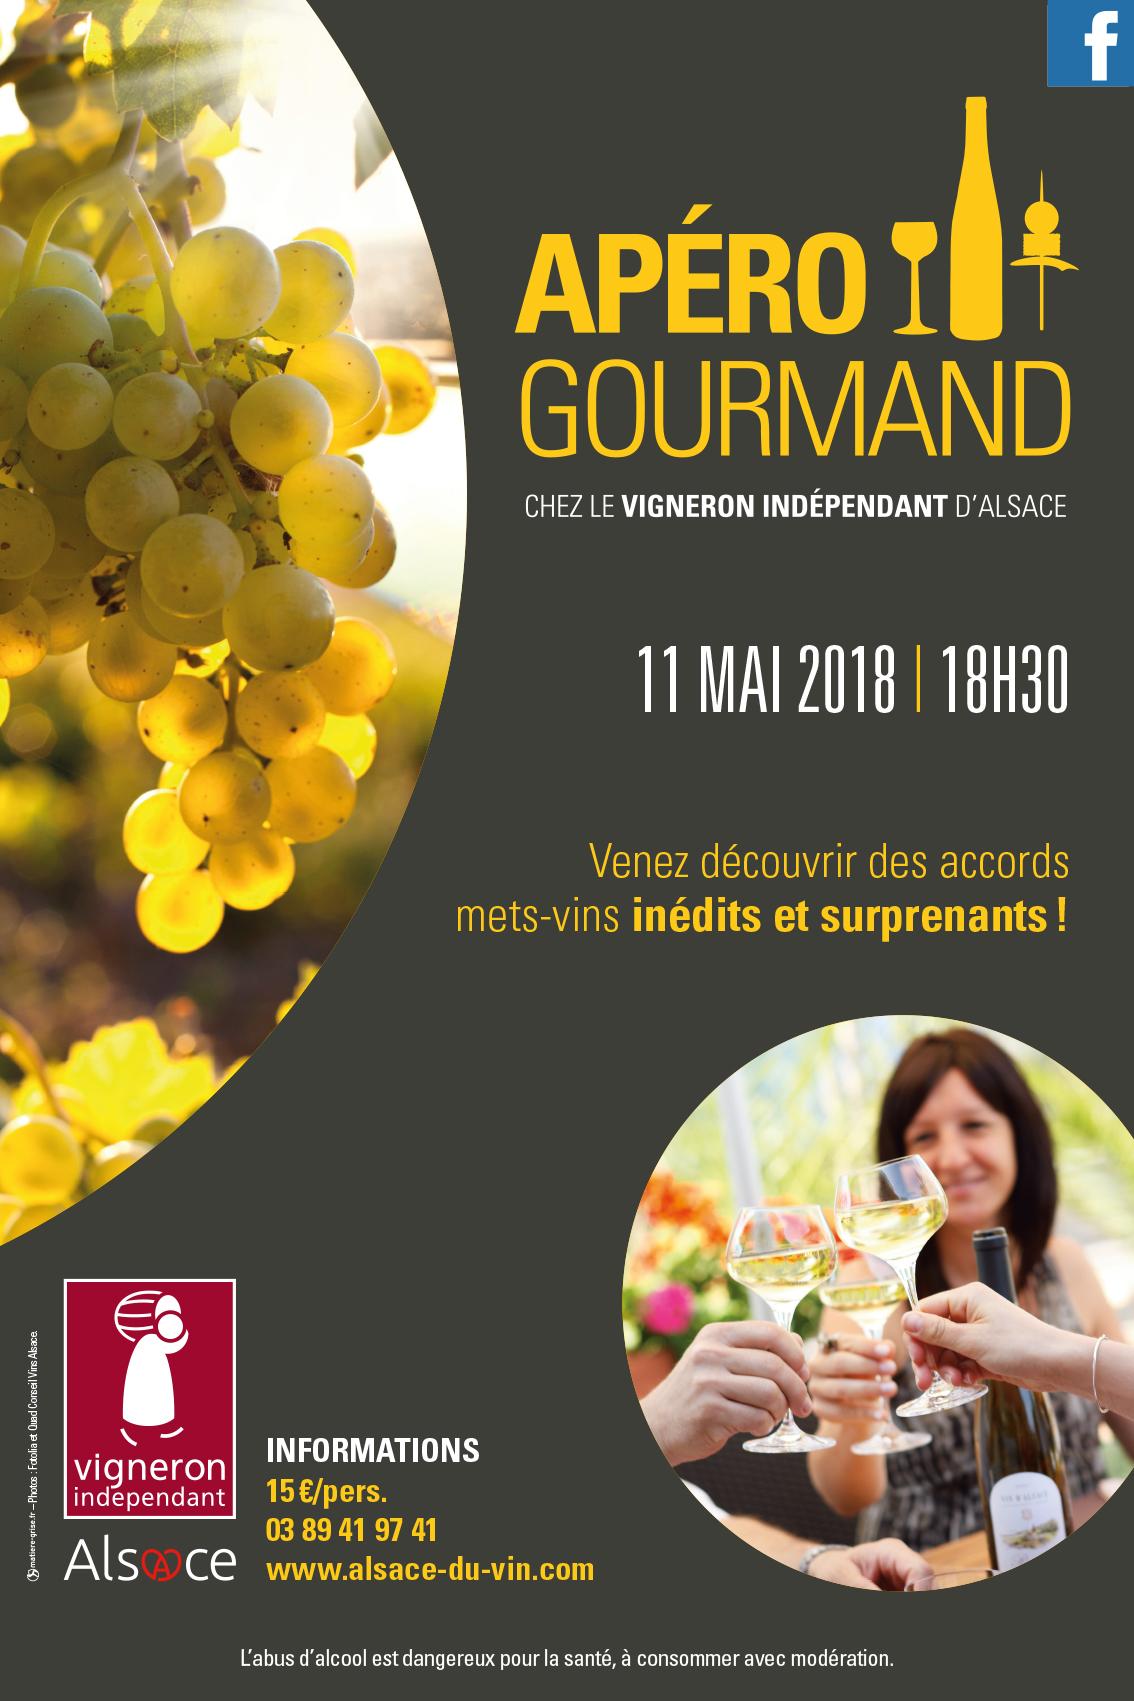 Apéro Gourmand 2018